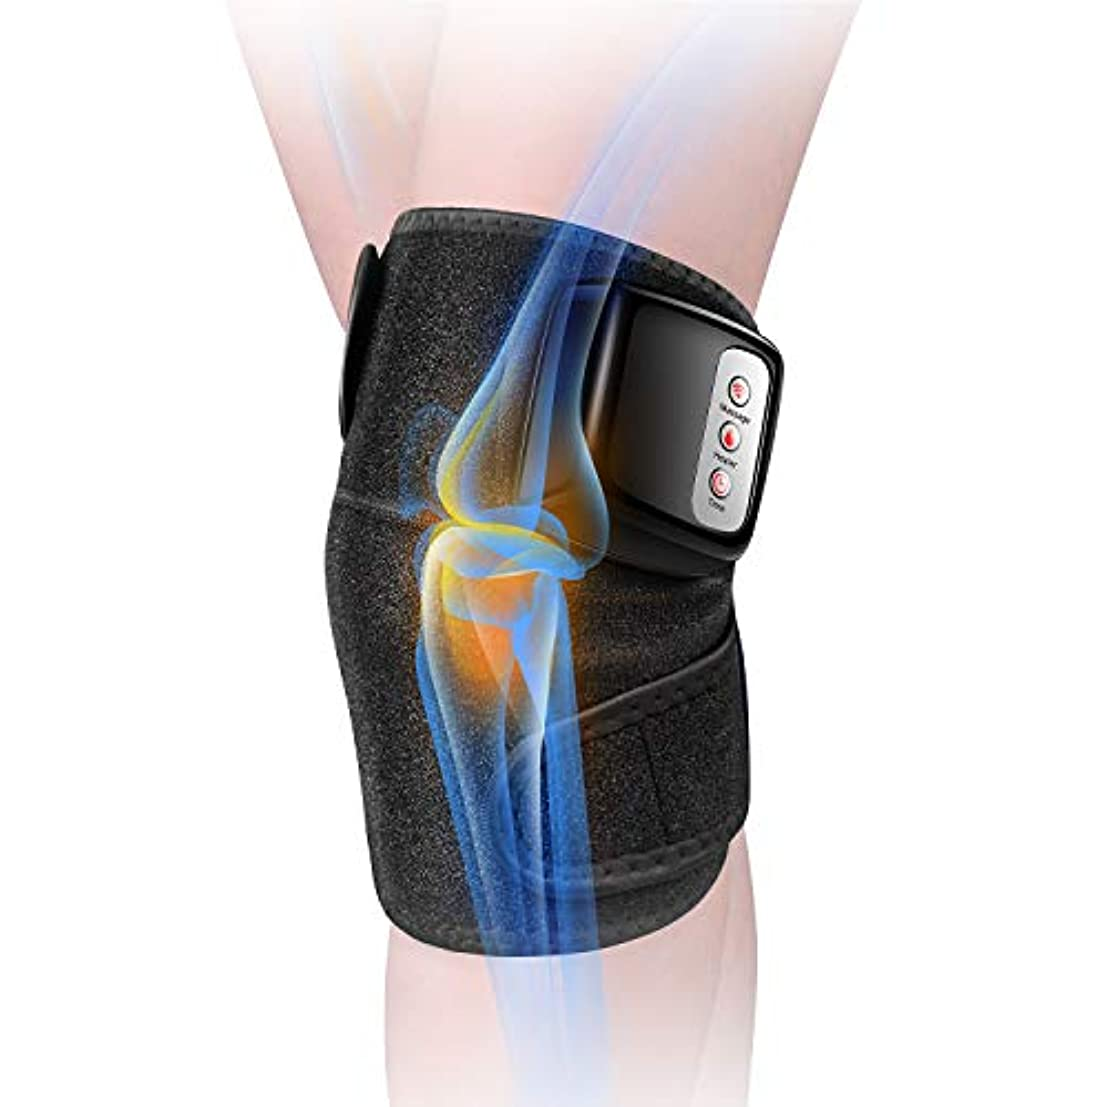 ダルセット即席アクセスできない膝マッサージャー 関節マッサージャー マッサージ器 フットマッサージャー 振動 赤外線療法 温熱療法 膝サポーター ストレス解消 肩 太もも/腕対応